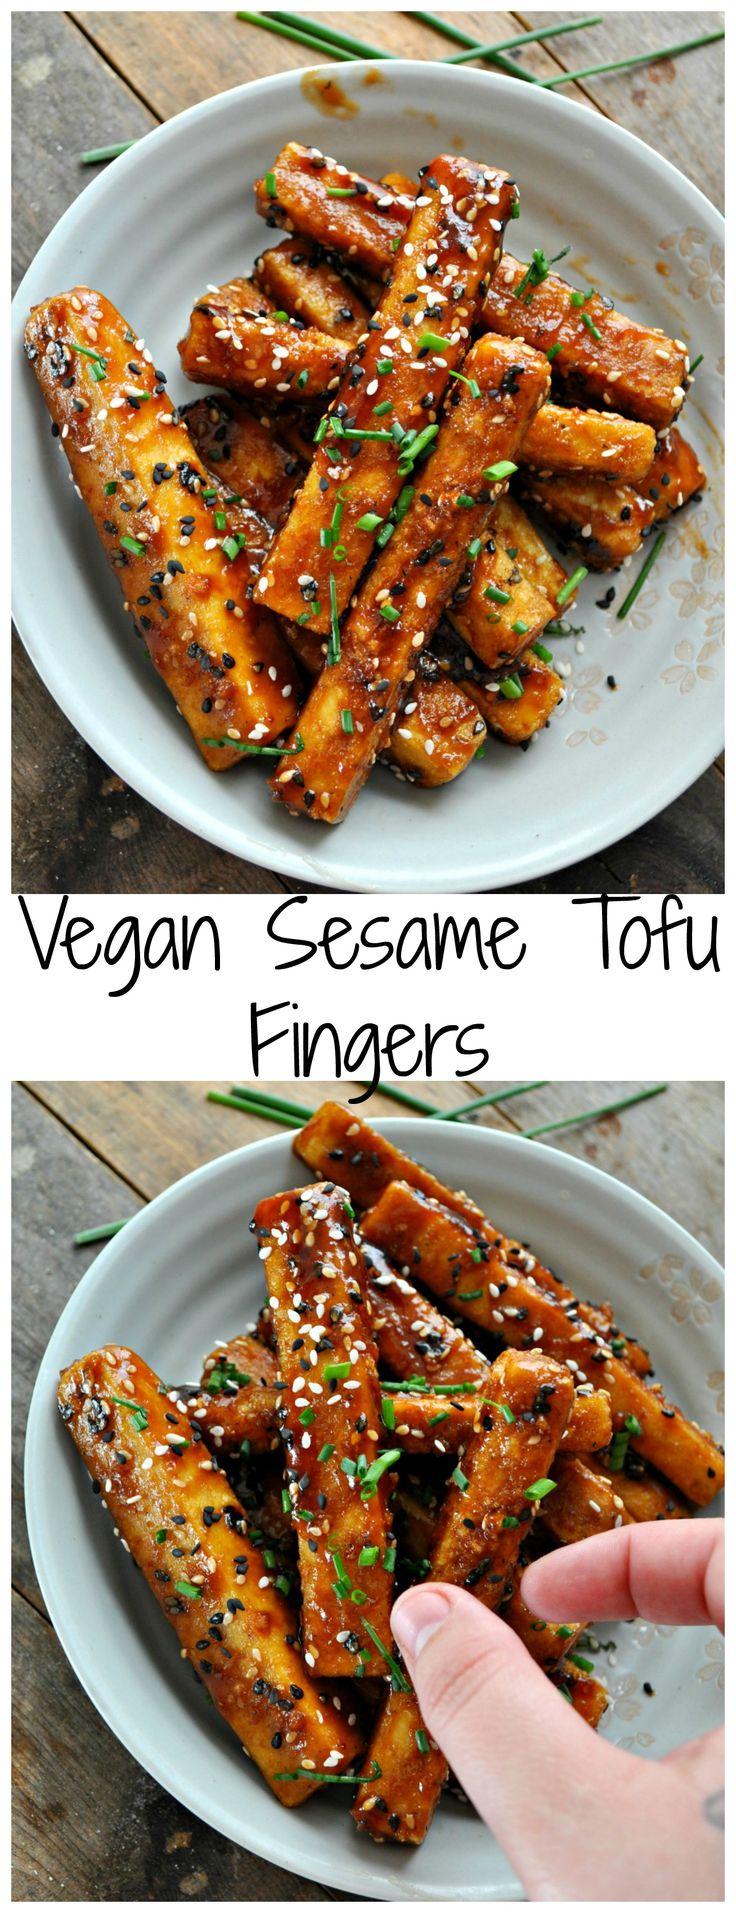 Vegan Sesame Tofu Fingers